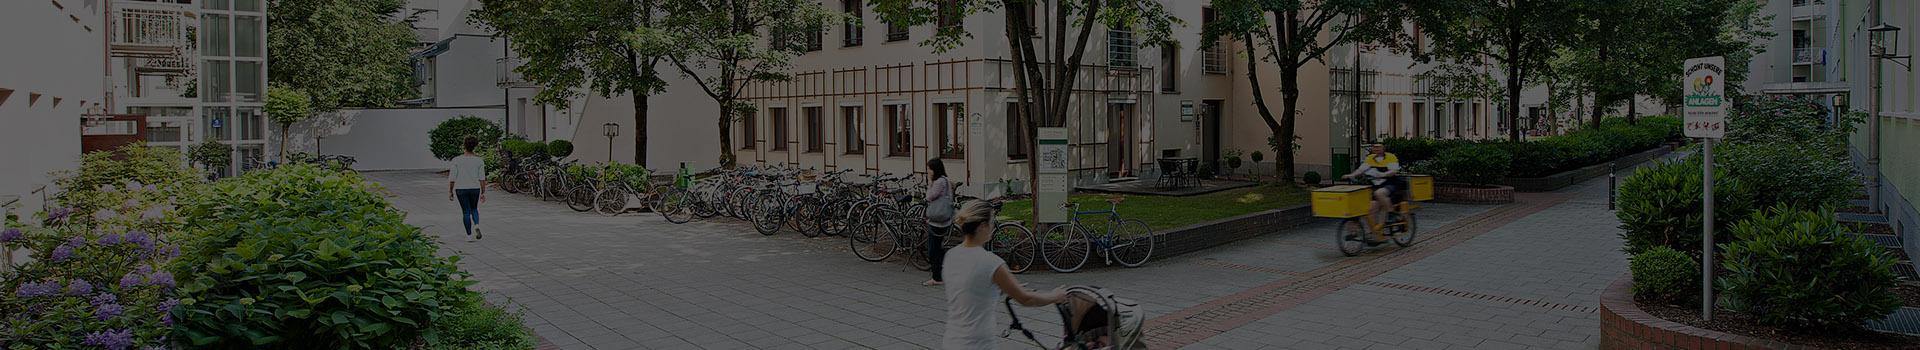 Innenhof des Cityparks